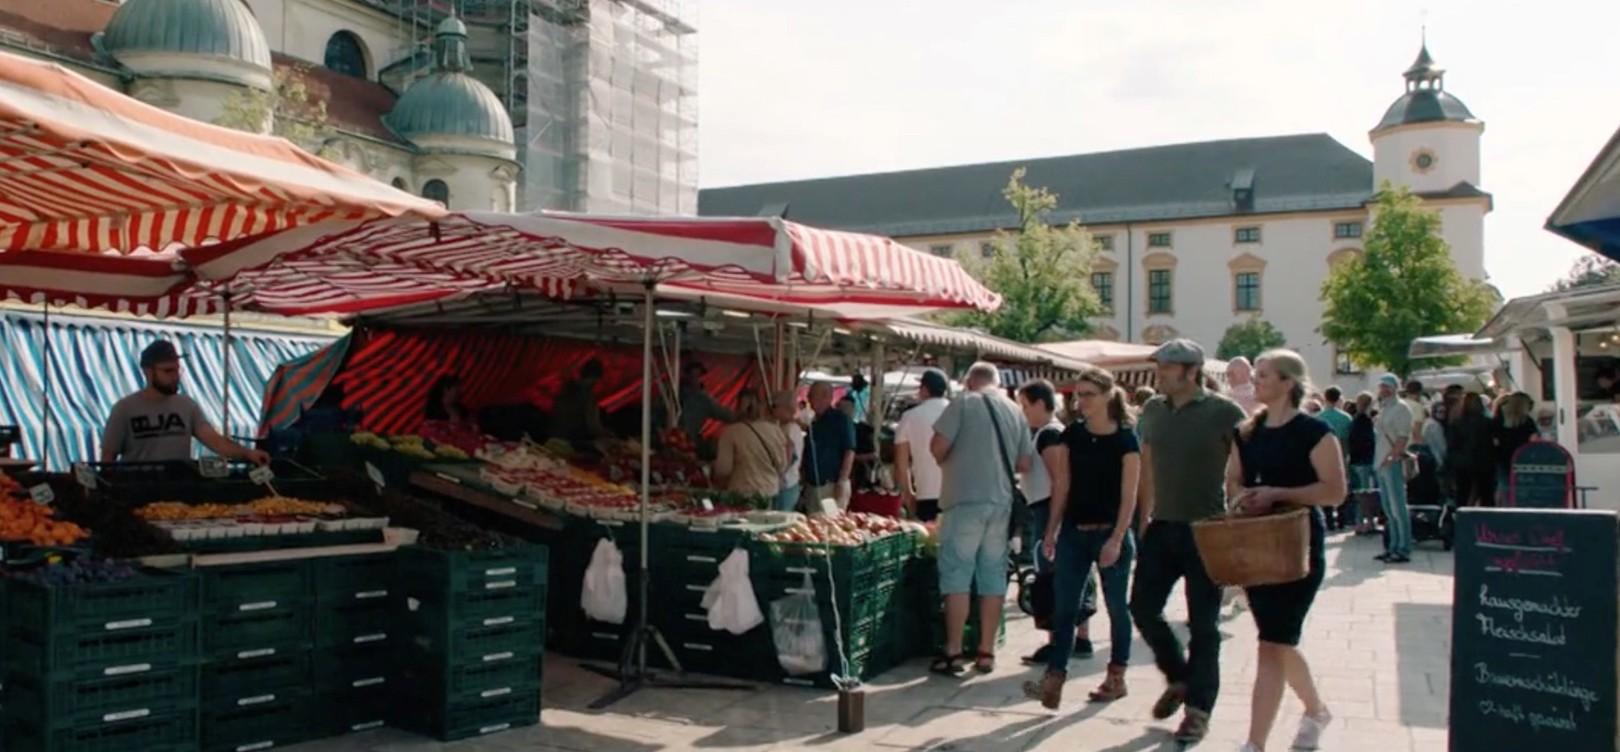 Wochenmarkt Kempten, Moni und Elisabeth - Lieblingsplätze Kempten